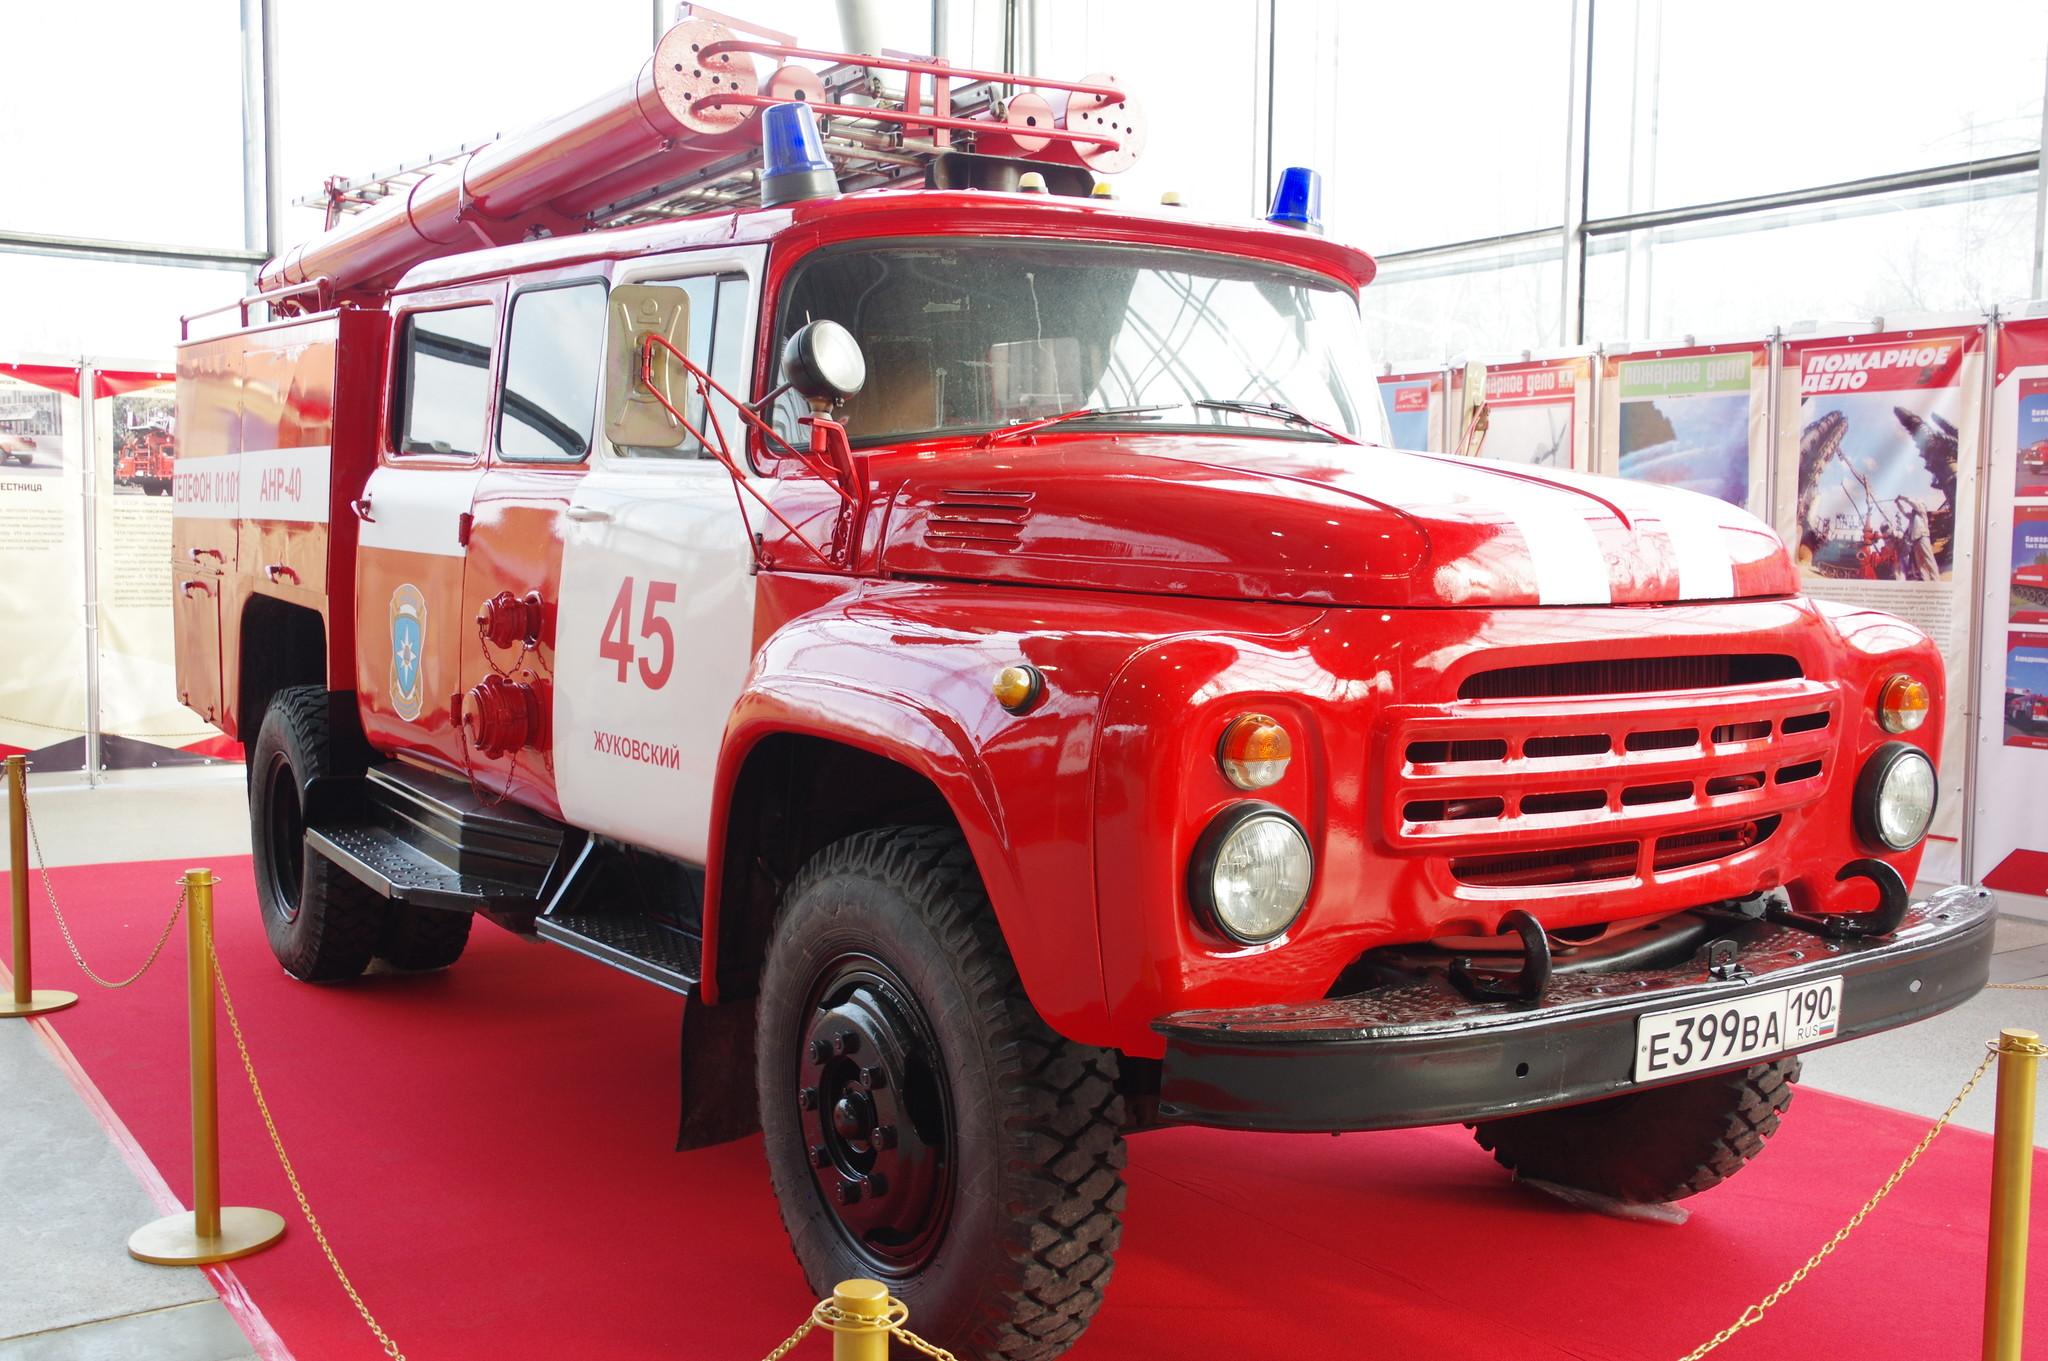 Пожарный насосно-рукавный автомобиль АНР-40 (130) 127Б